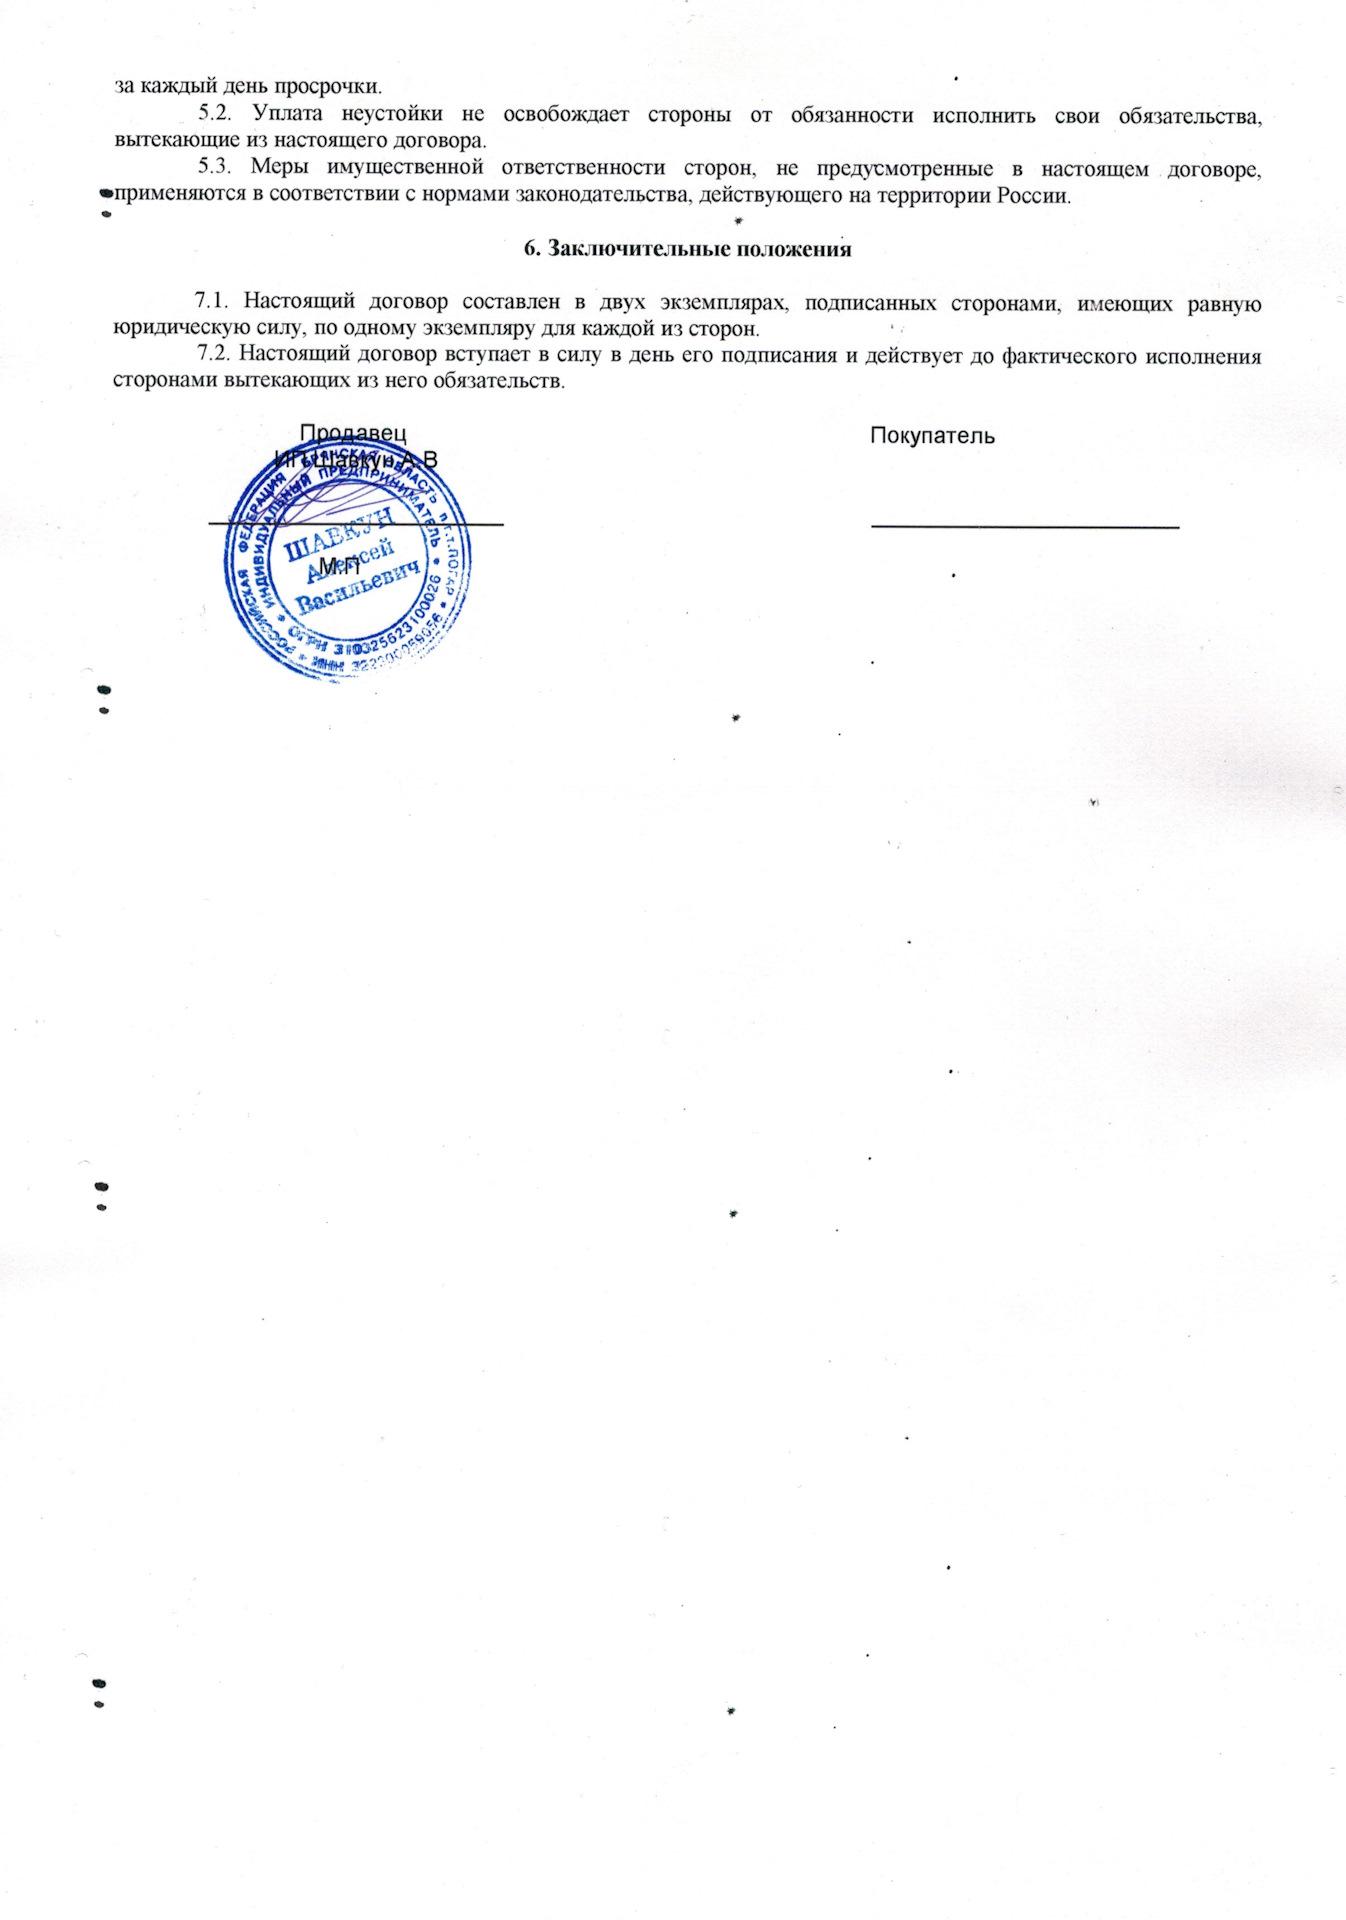 Водительское удостоверение срок действия